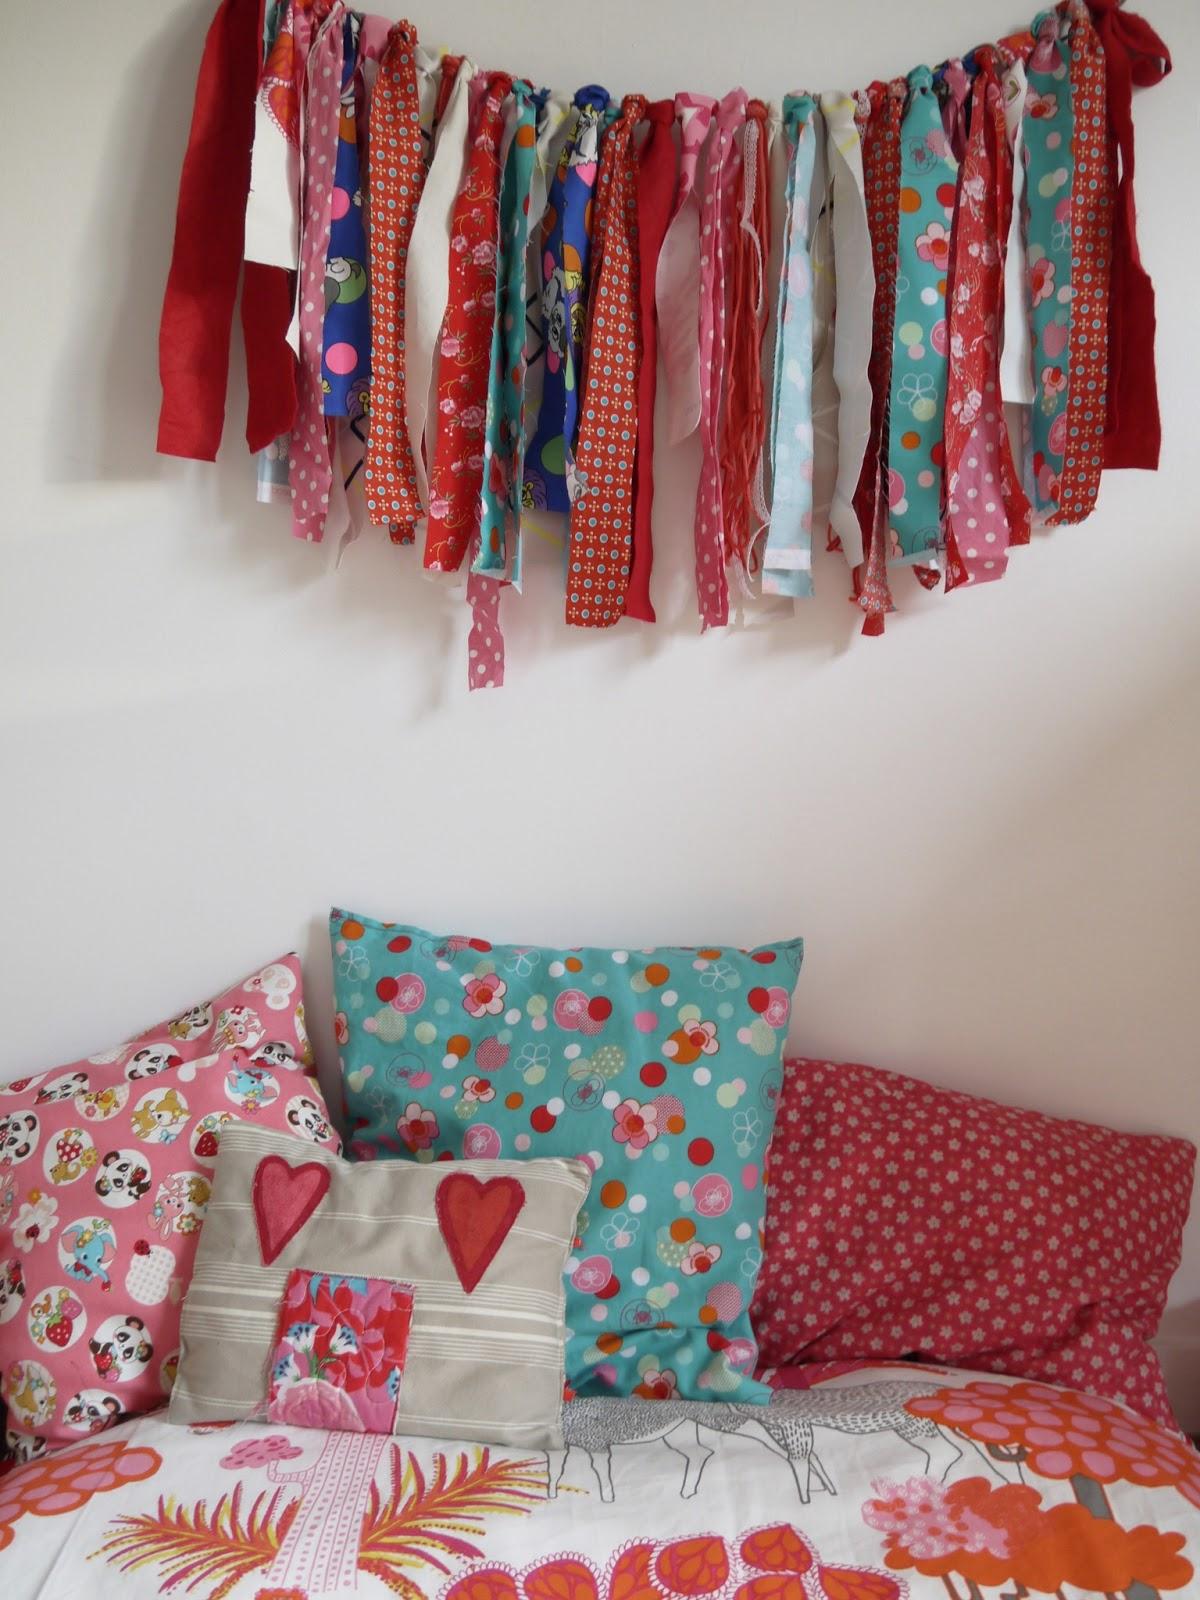 décoration chambre enfant rose rouge orange